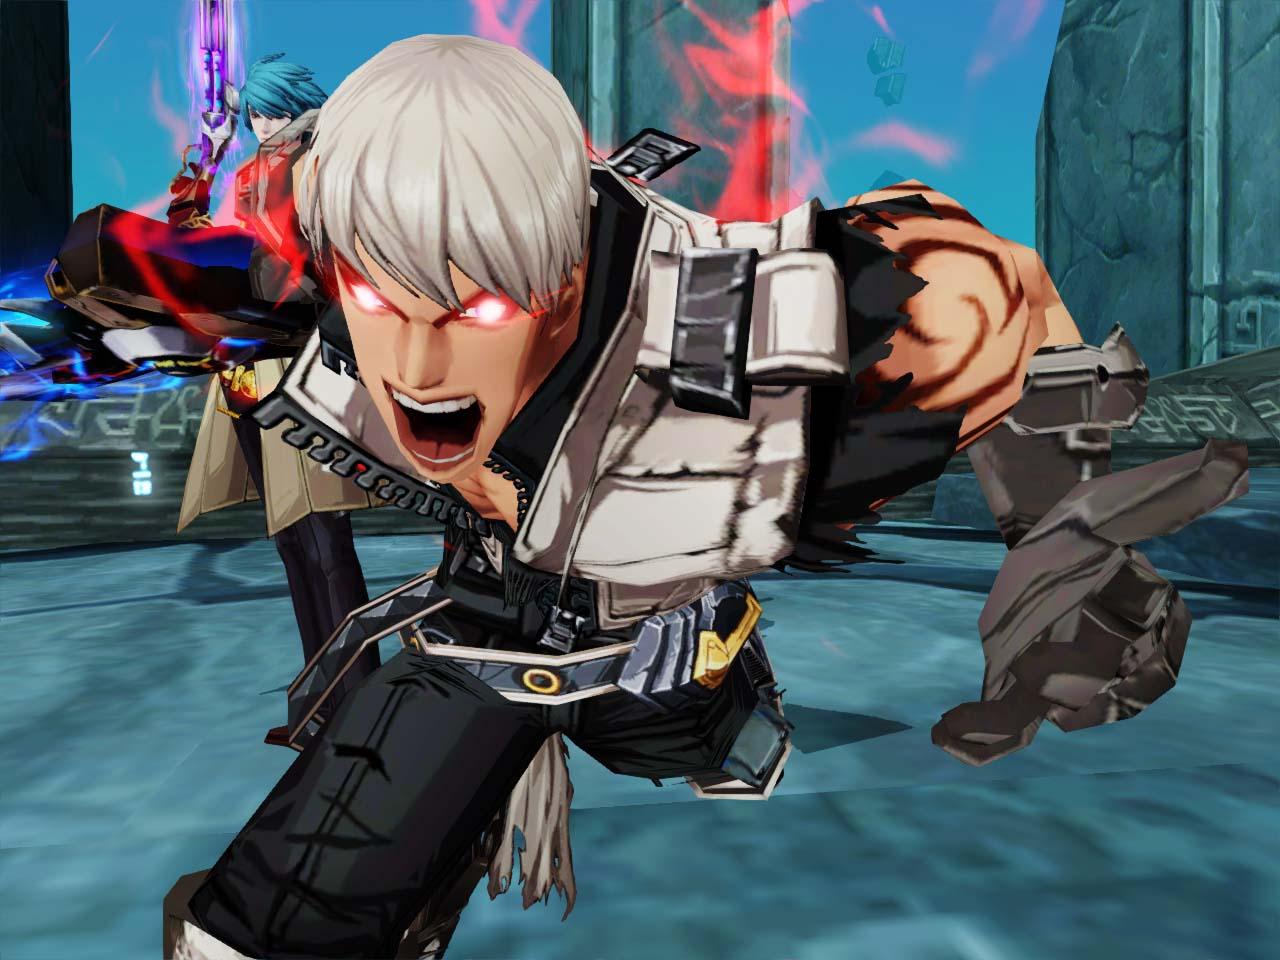 超アクションオンラインゲーム『クリティカ』